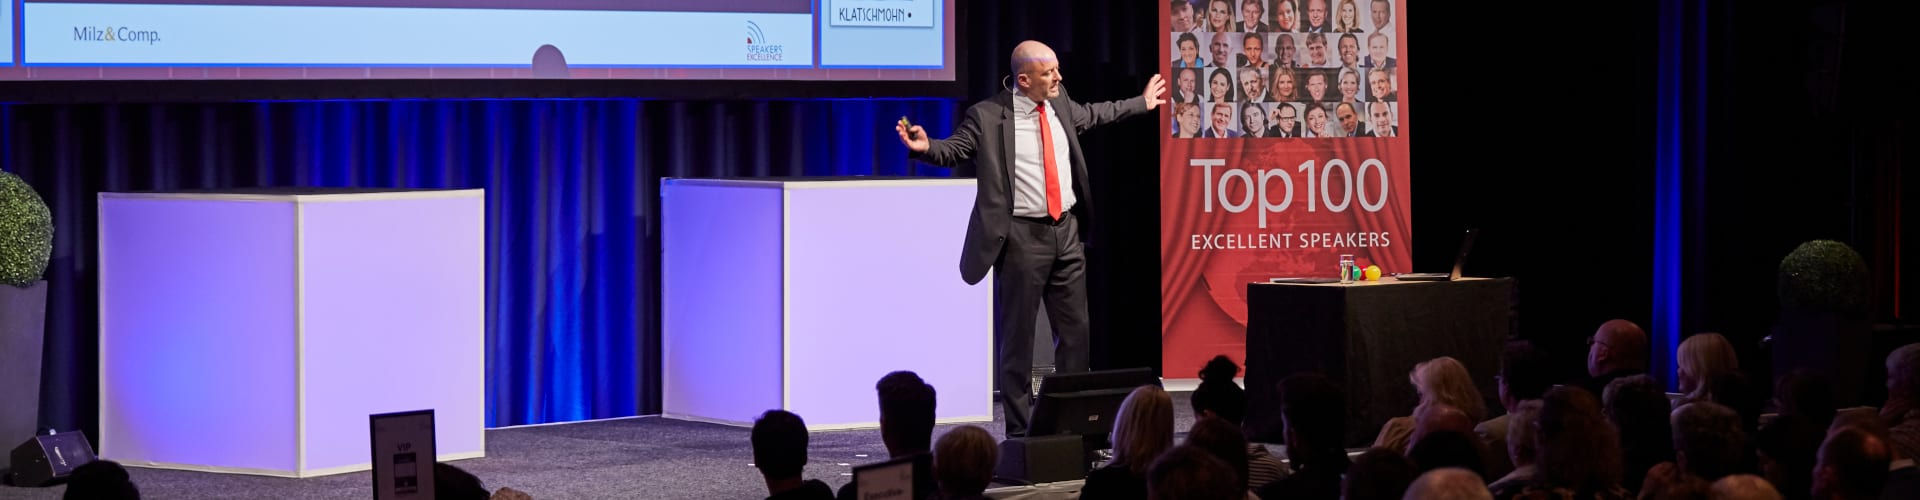 Markus Milz Keynote Speaker hält Rede vor Publikum